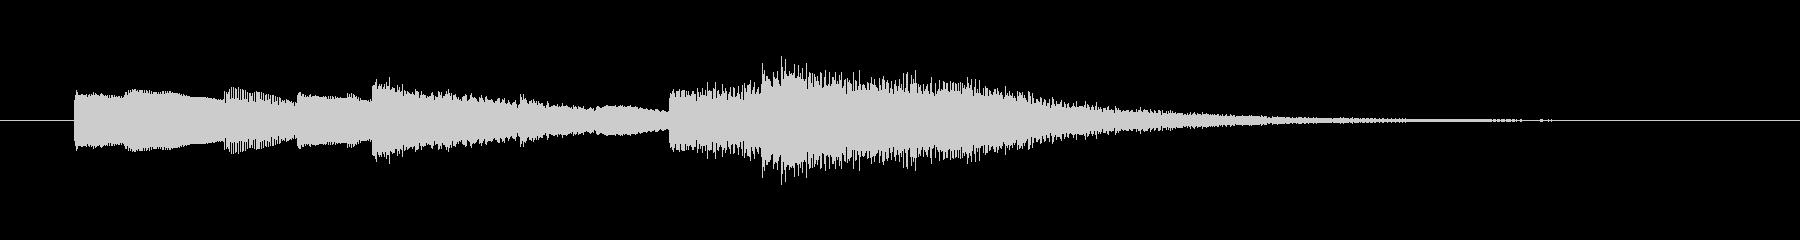 優しい音色のサウンドロゴの未再生の波形